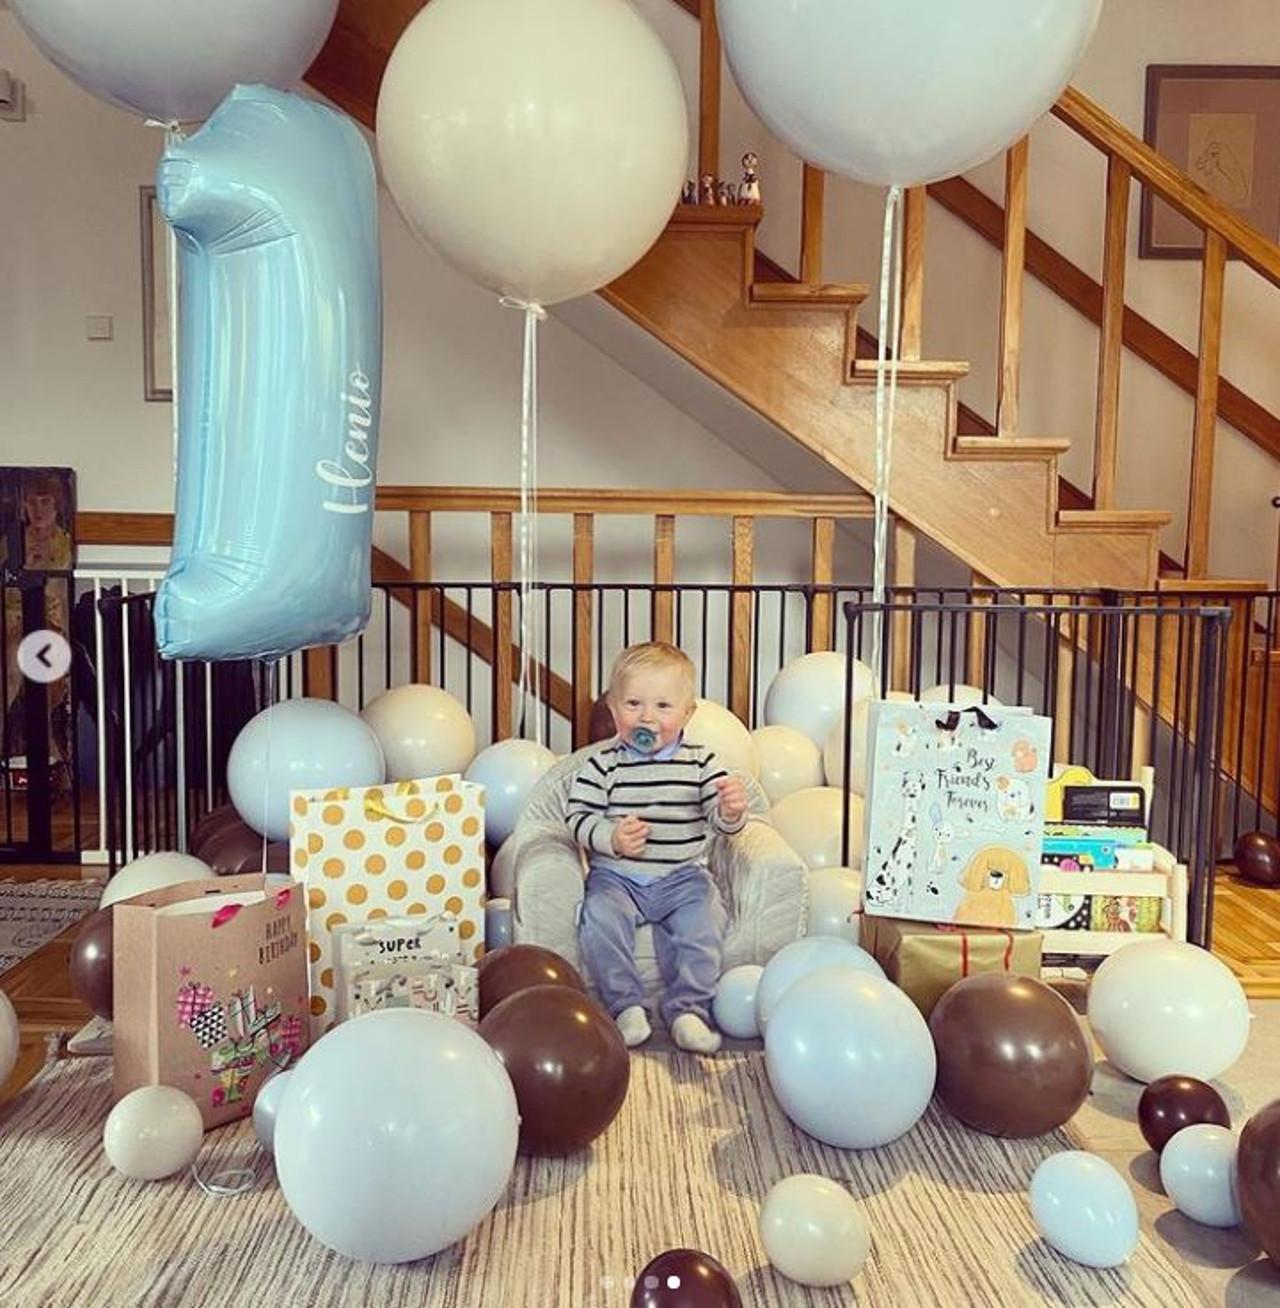 Impreza urodzinowa syna Borysa Szyca.